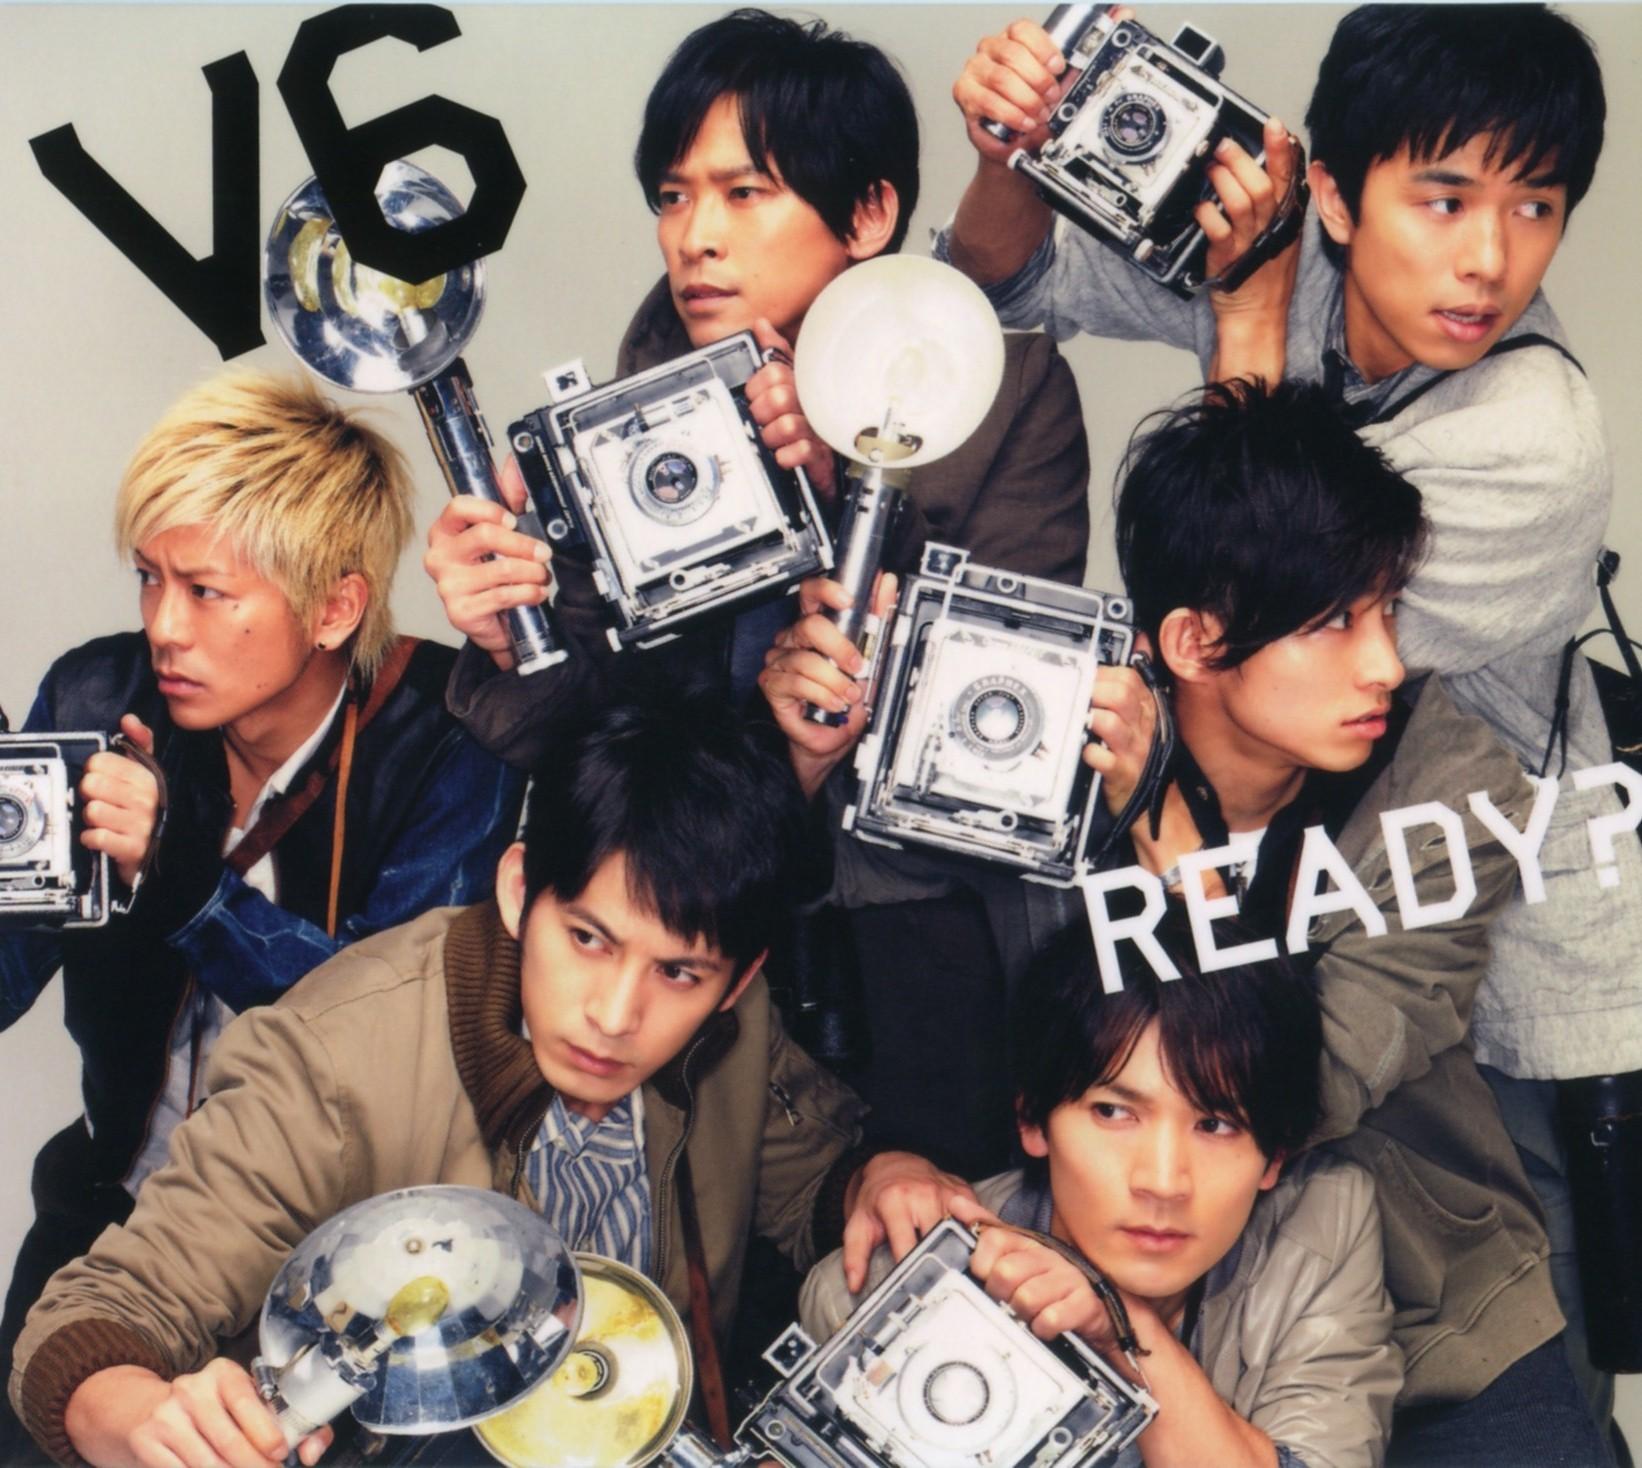 V6 (グループ)の画像 p1_39